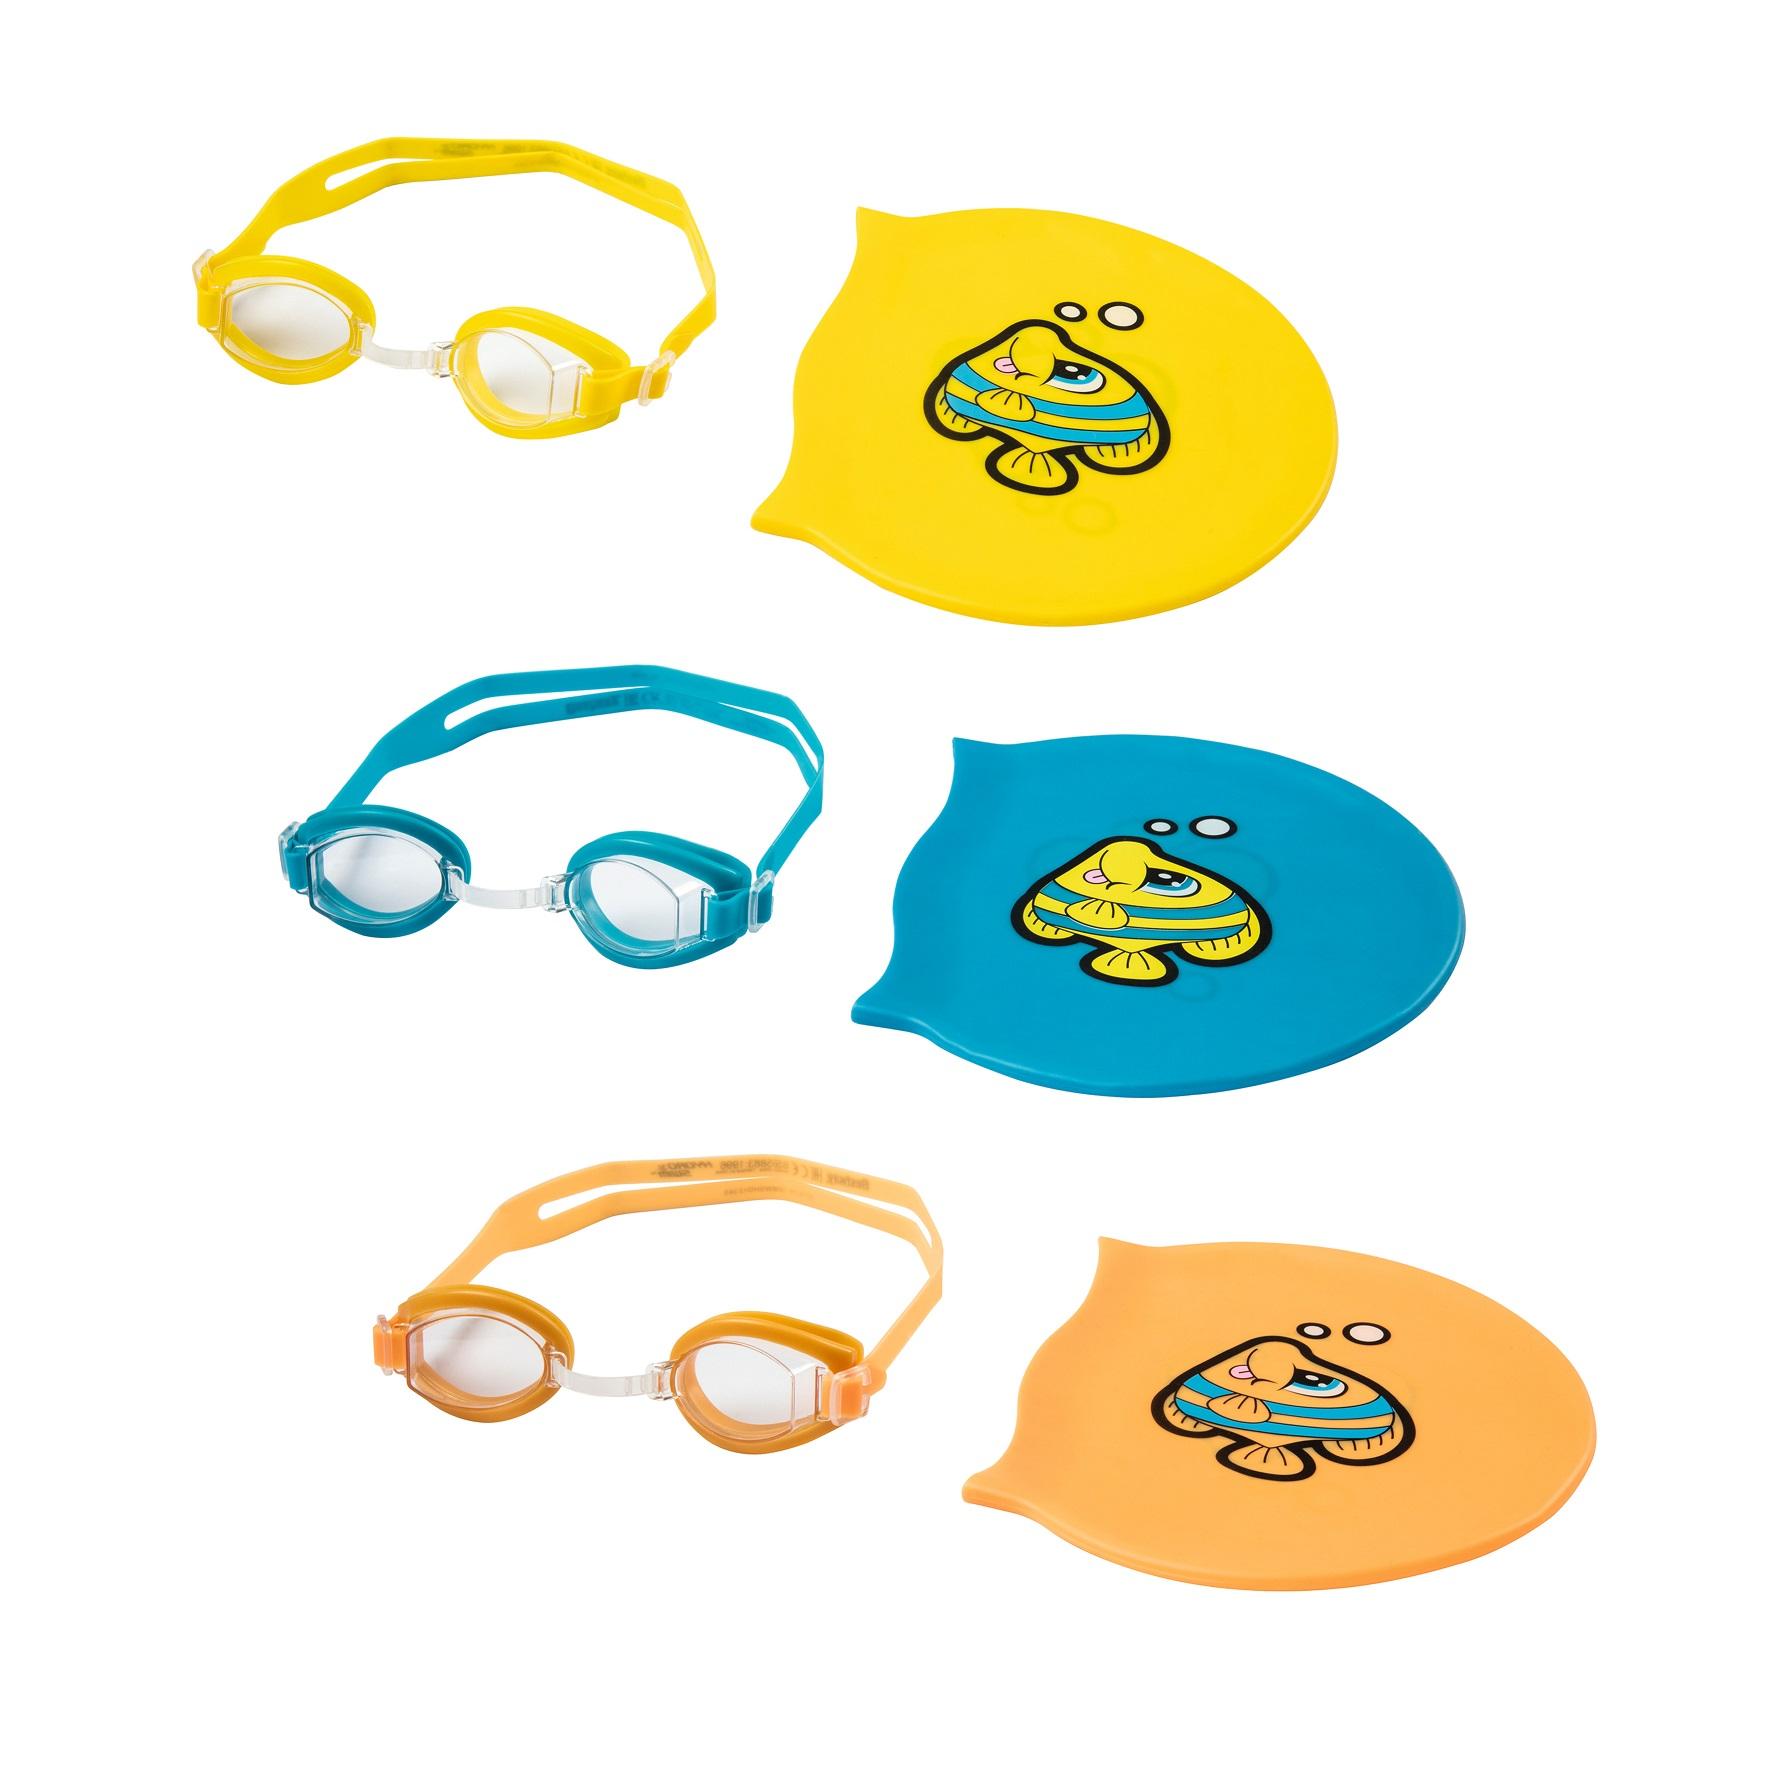 Купить Набор для плавания с очками и шапочкой, от 3 лет, 3 цвета, Bestway